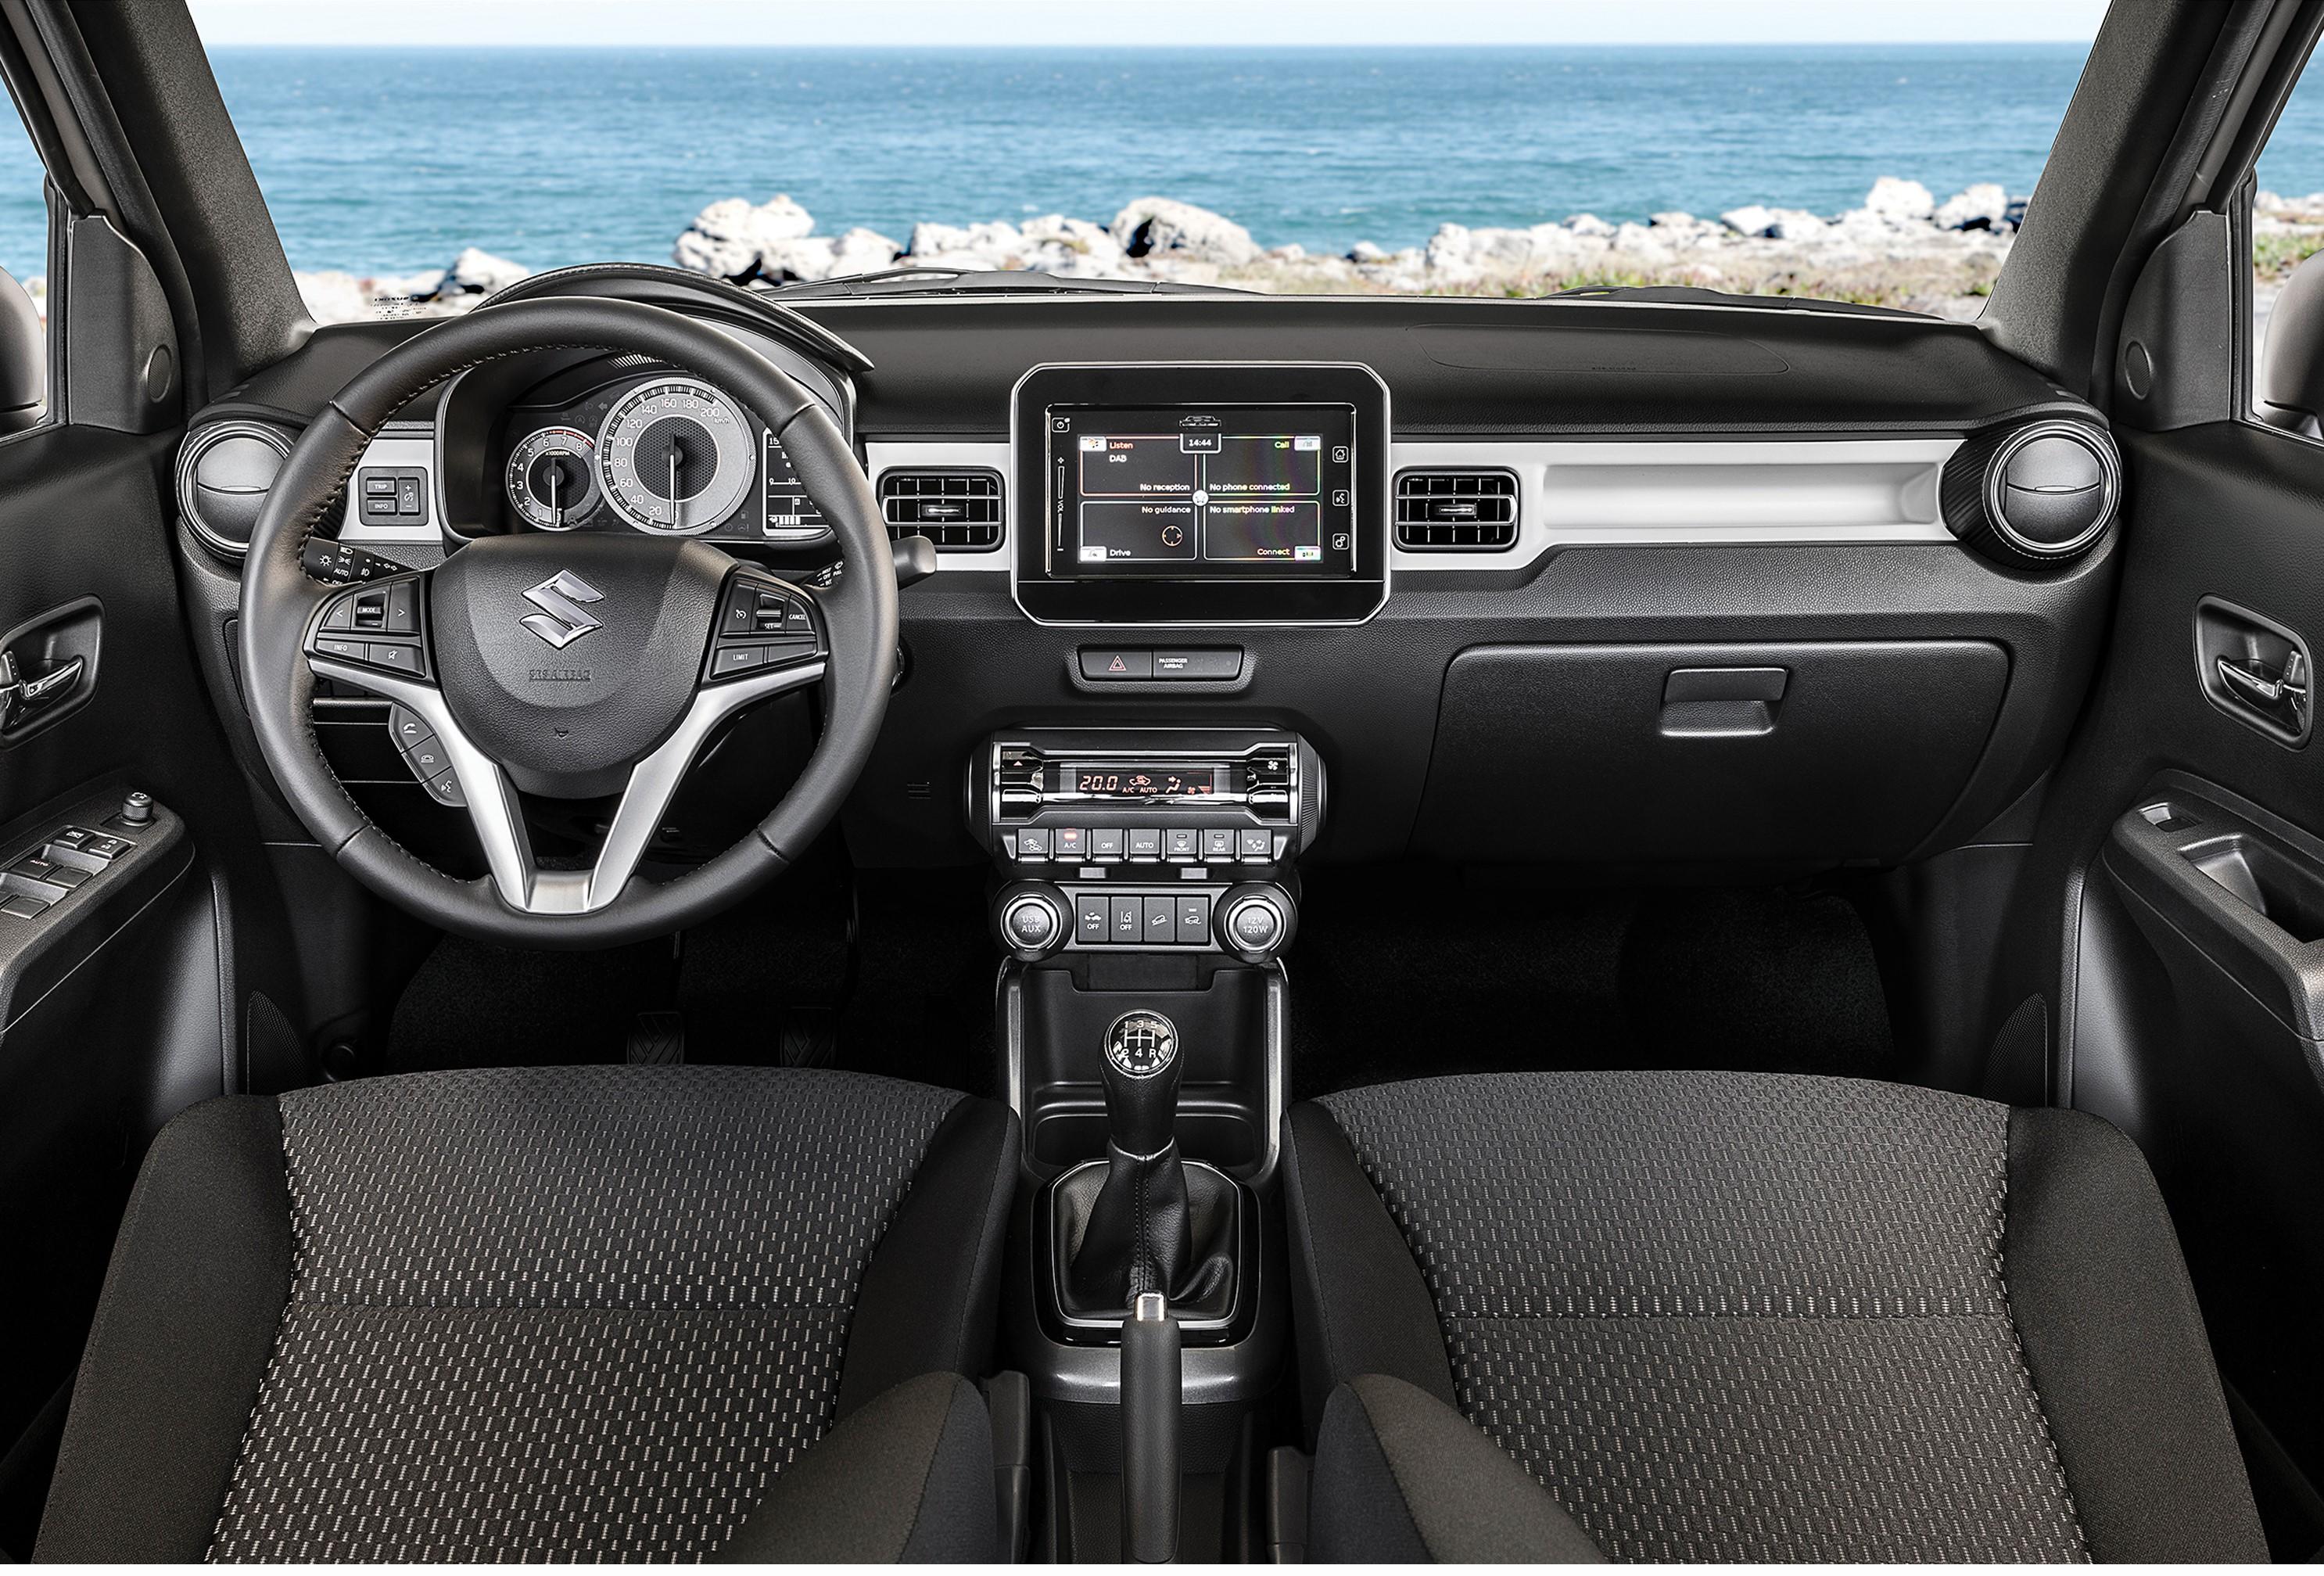 2020 Suzuki Ignis interior dashboard